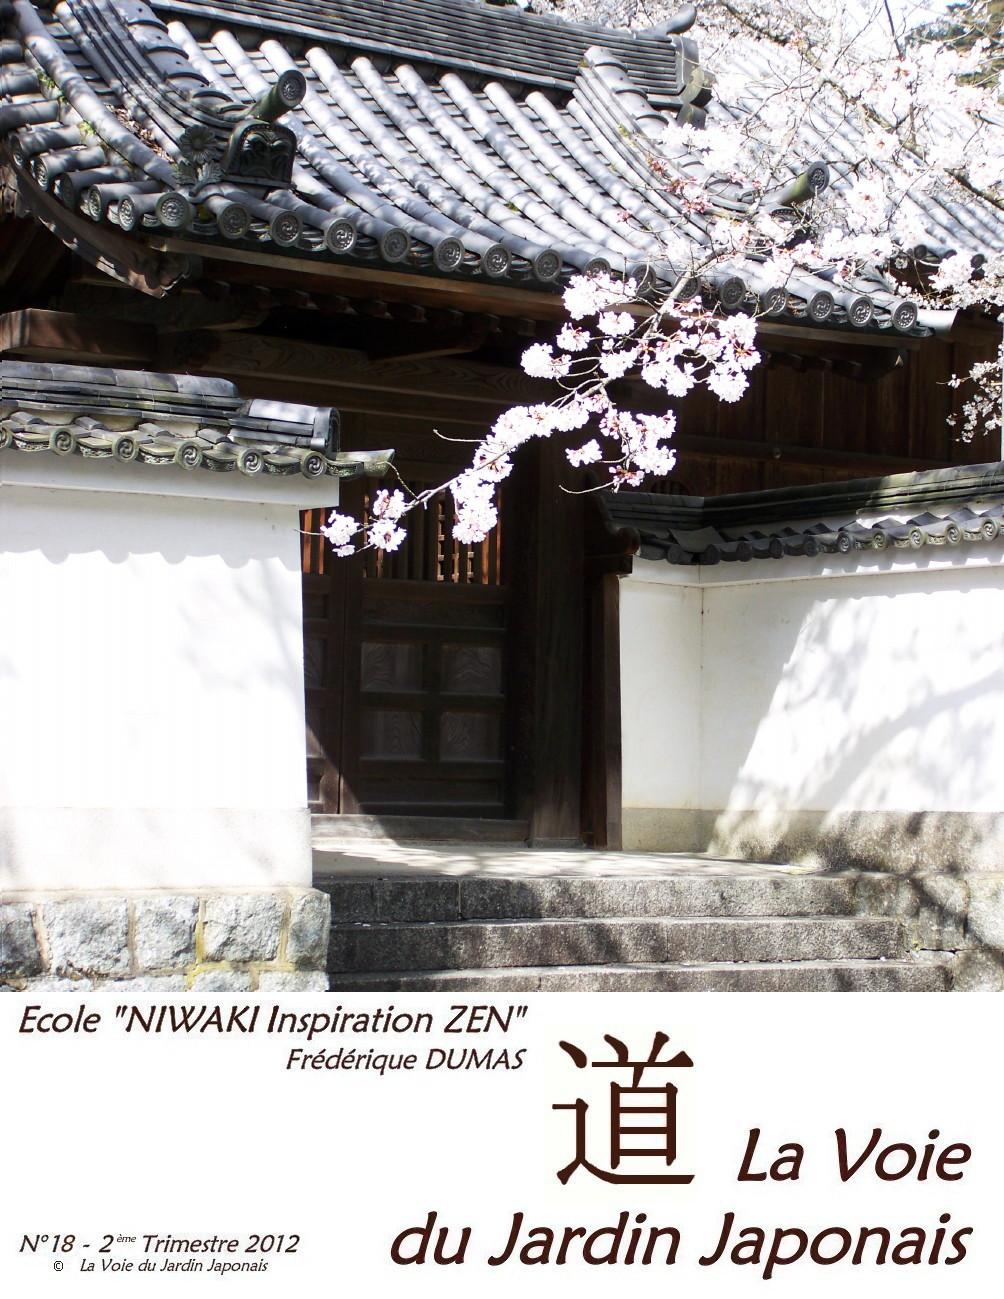 la-voie-du-jardin-japonais-18 - Le BLOG de FREDERIQUE DUMAS